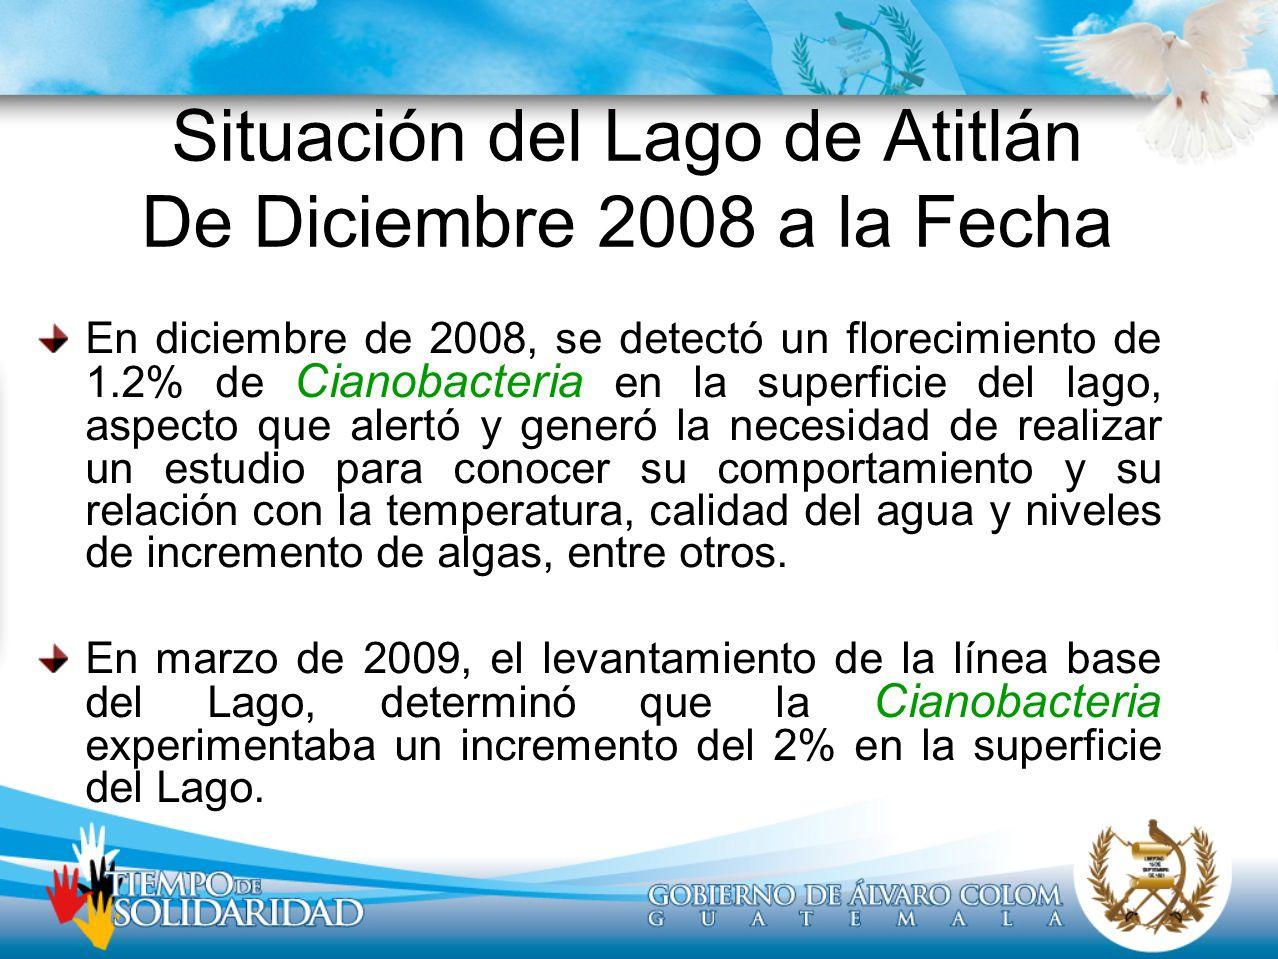 Situación del Lago de Atitlán De Diciembre 2008 a la Fecha En diciembre de 2008, se detectó un florecimiento de 1.2% de Cianobacteria en la superficie